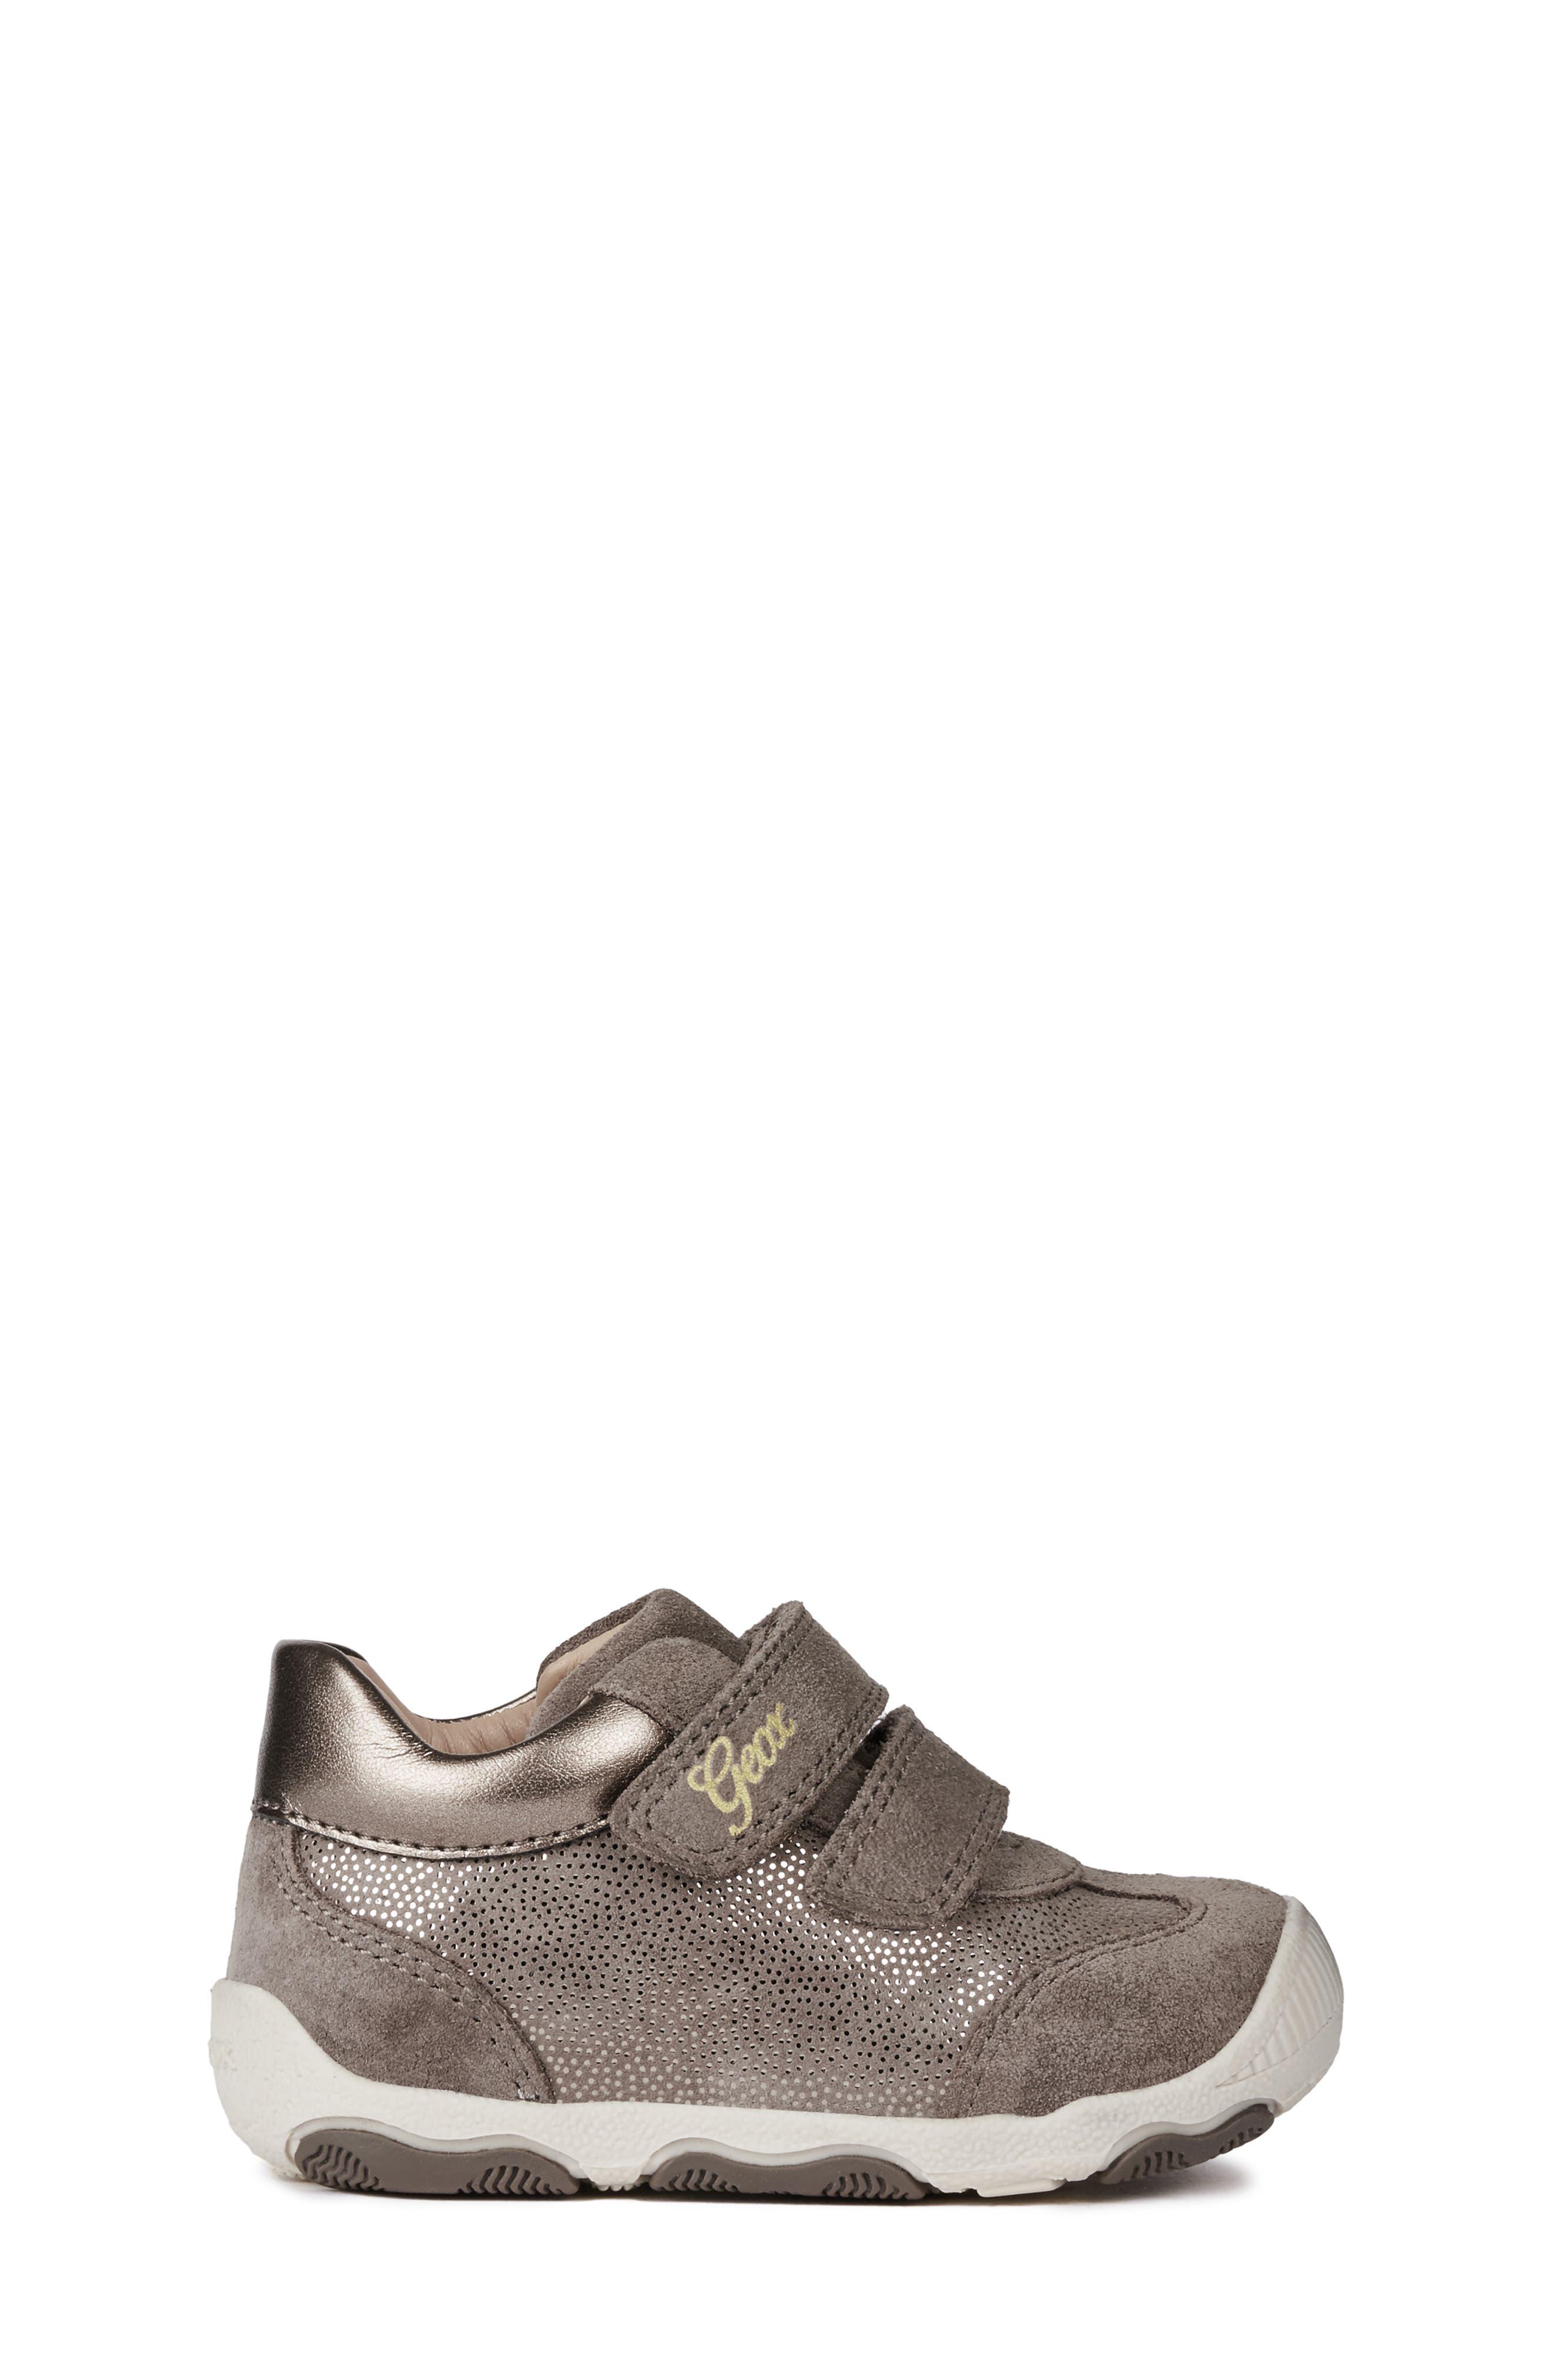 Balu Sneaker,                             Alternate thumbnail 3, color,                             052